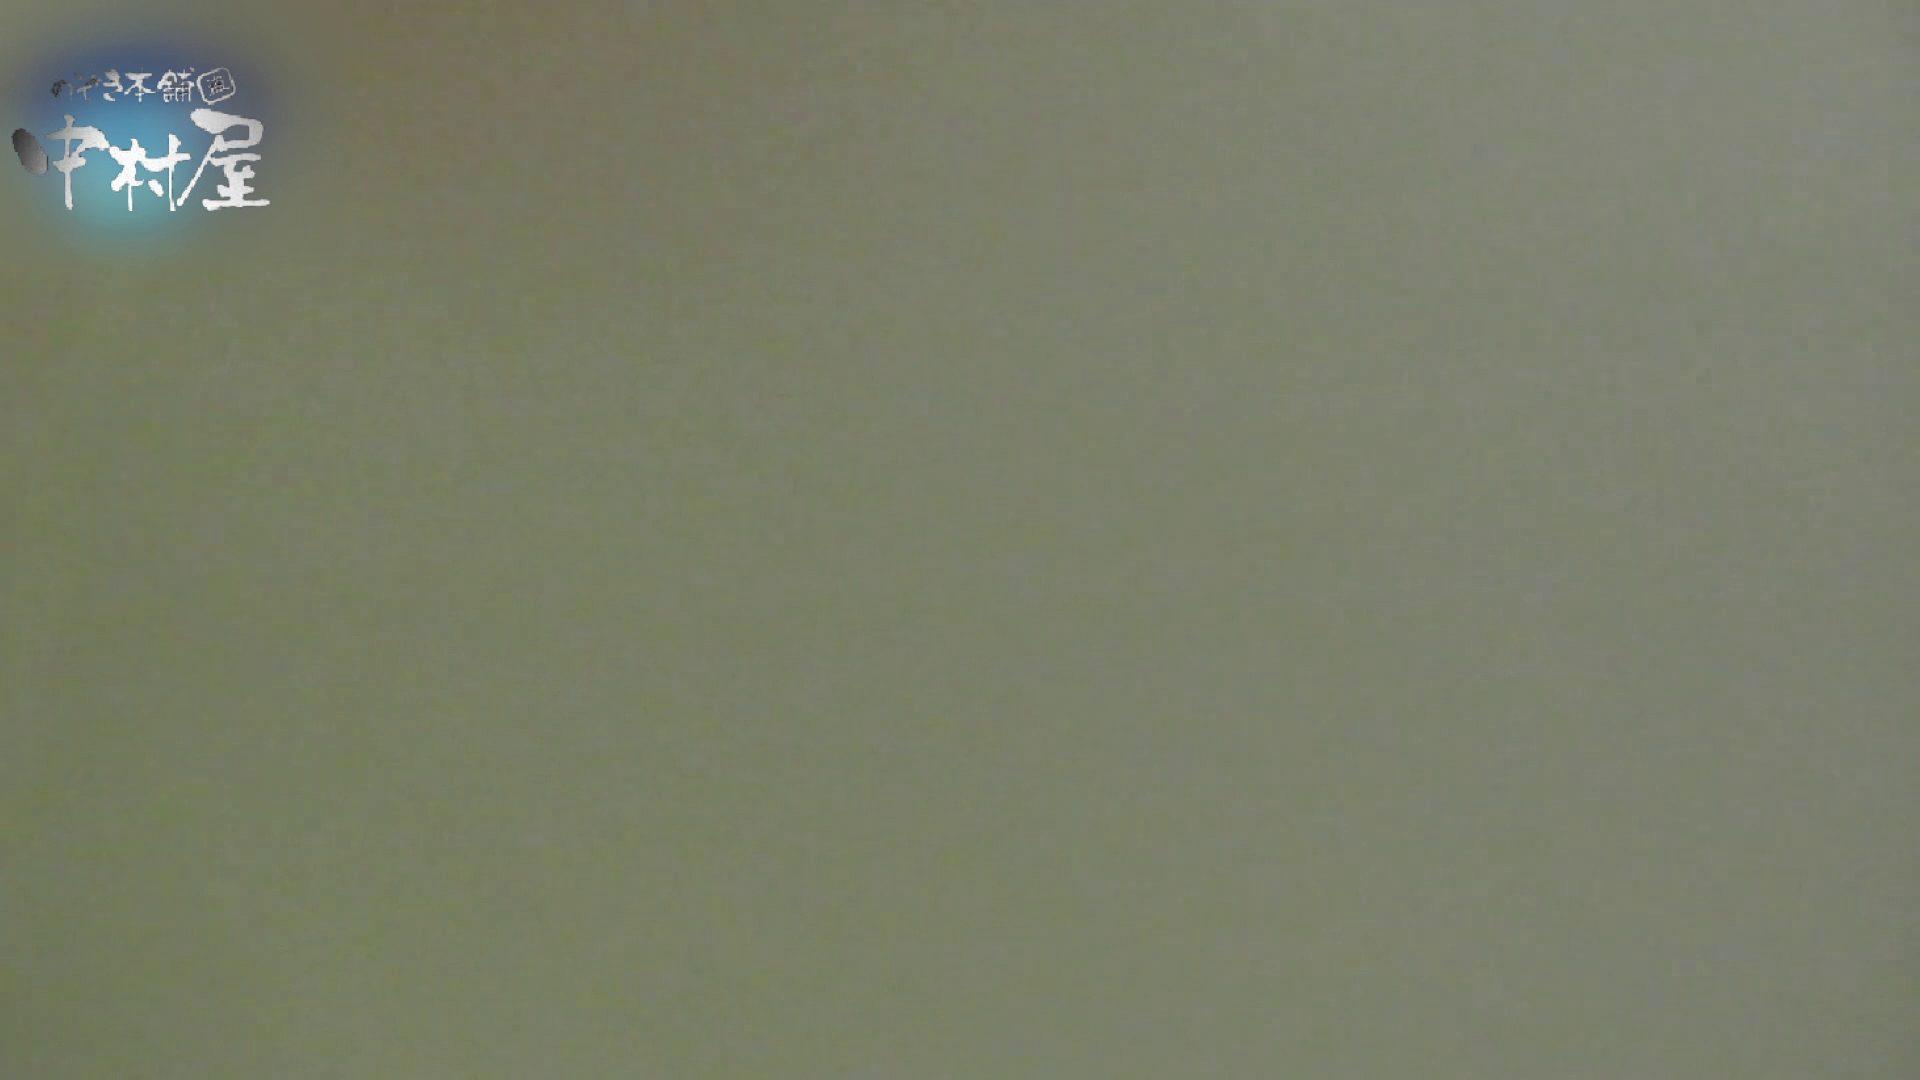 乙女集まる!ショッピングモール潜入撮vol.01 潜入 | OLセックス  101画像 79